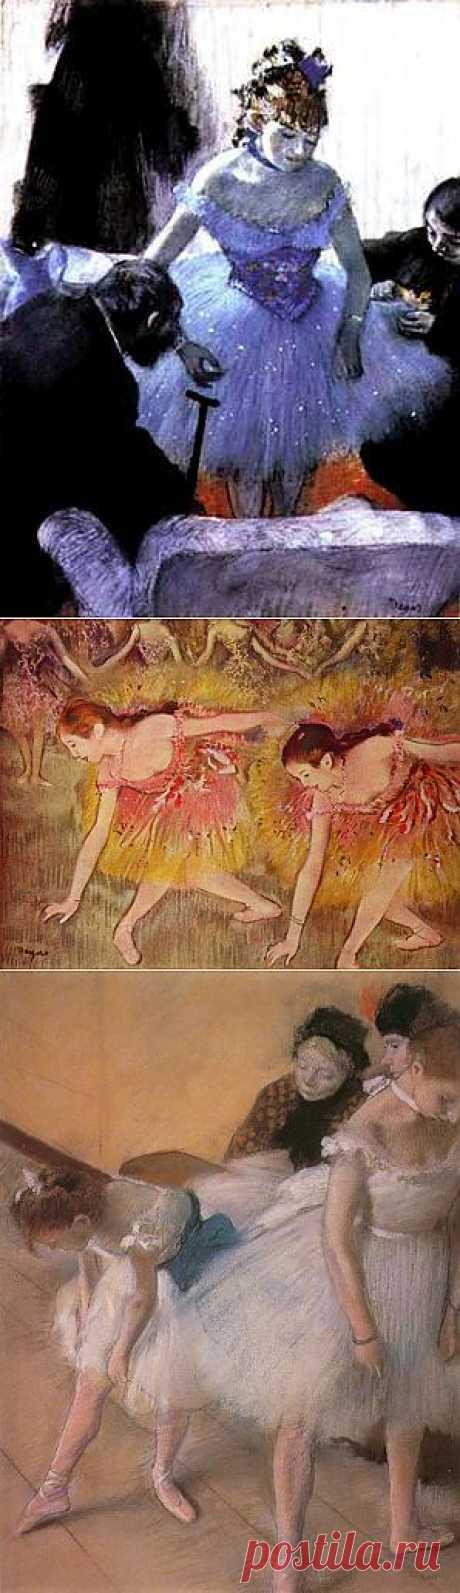 DANCE IN EDGAR DEGAS'S PAINTING   Art